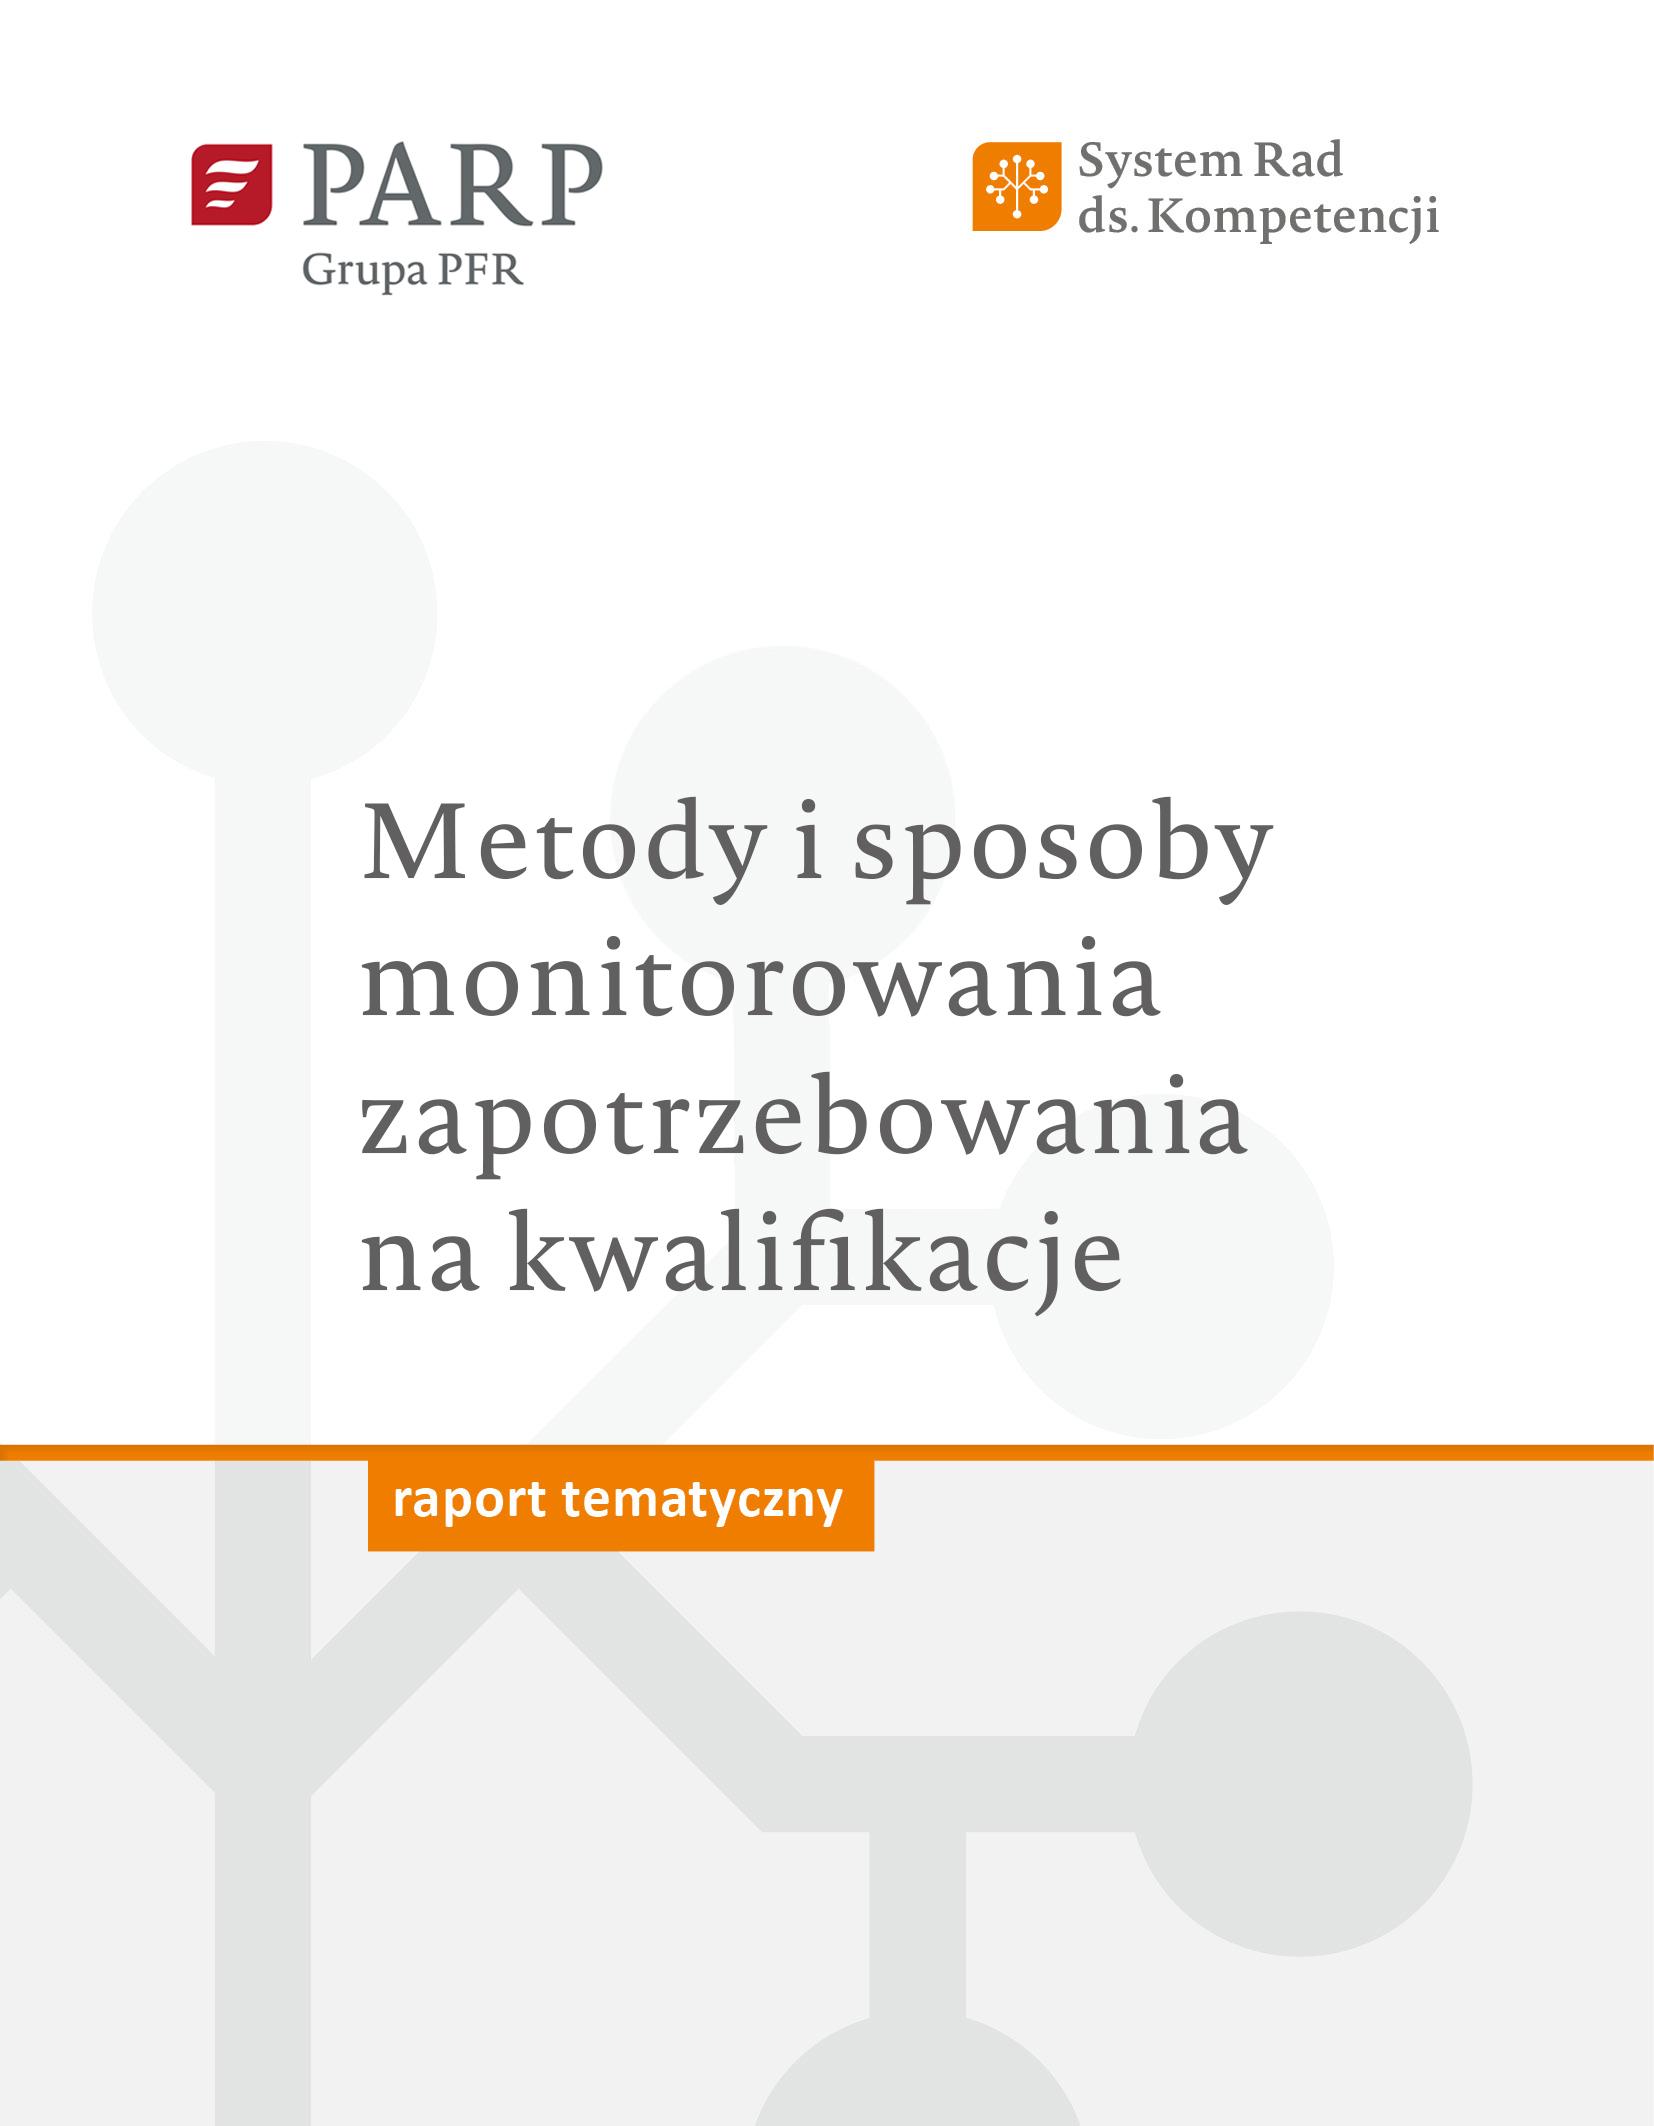 Metody i sposoby monitorowania zapotrzebowania na kwalifikacje